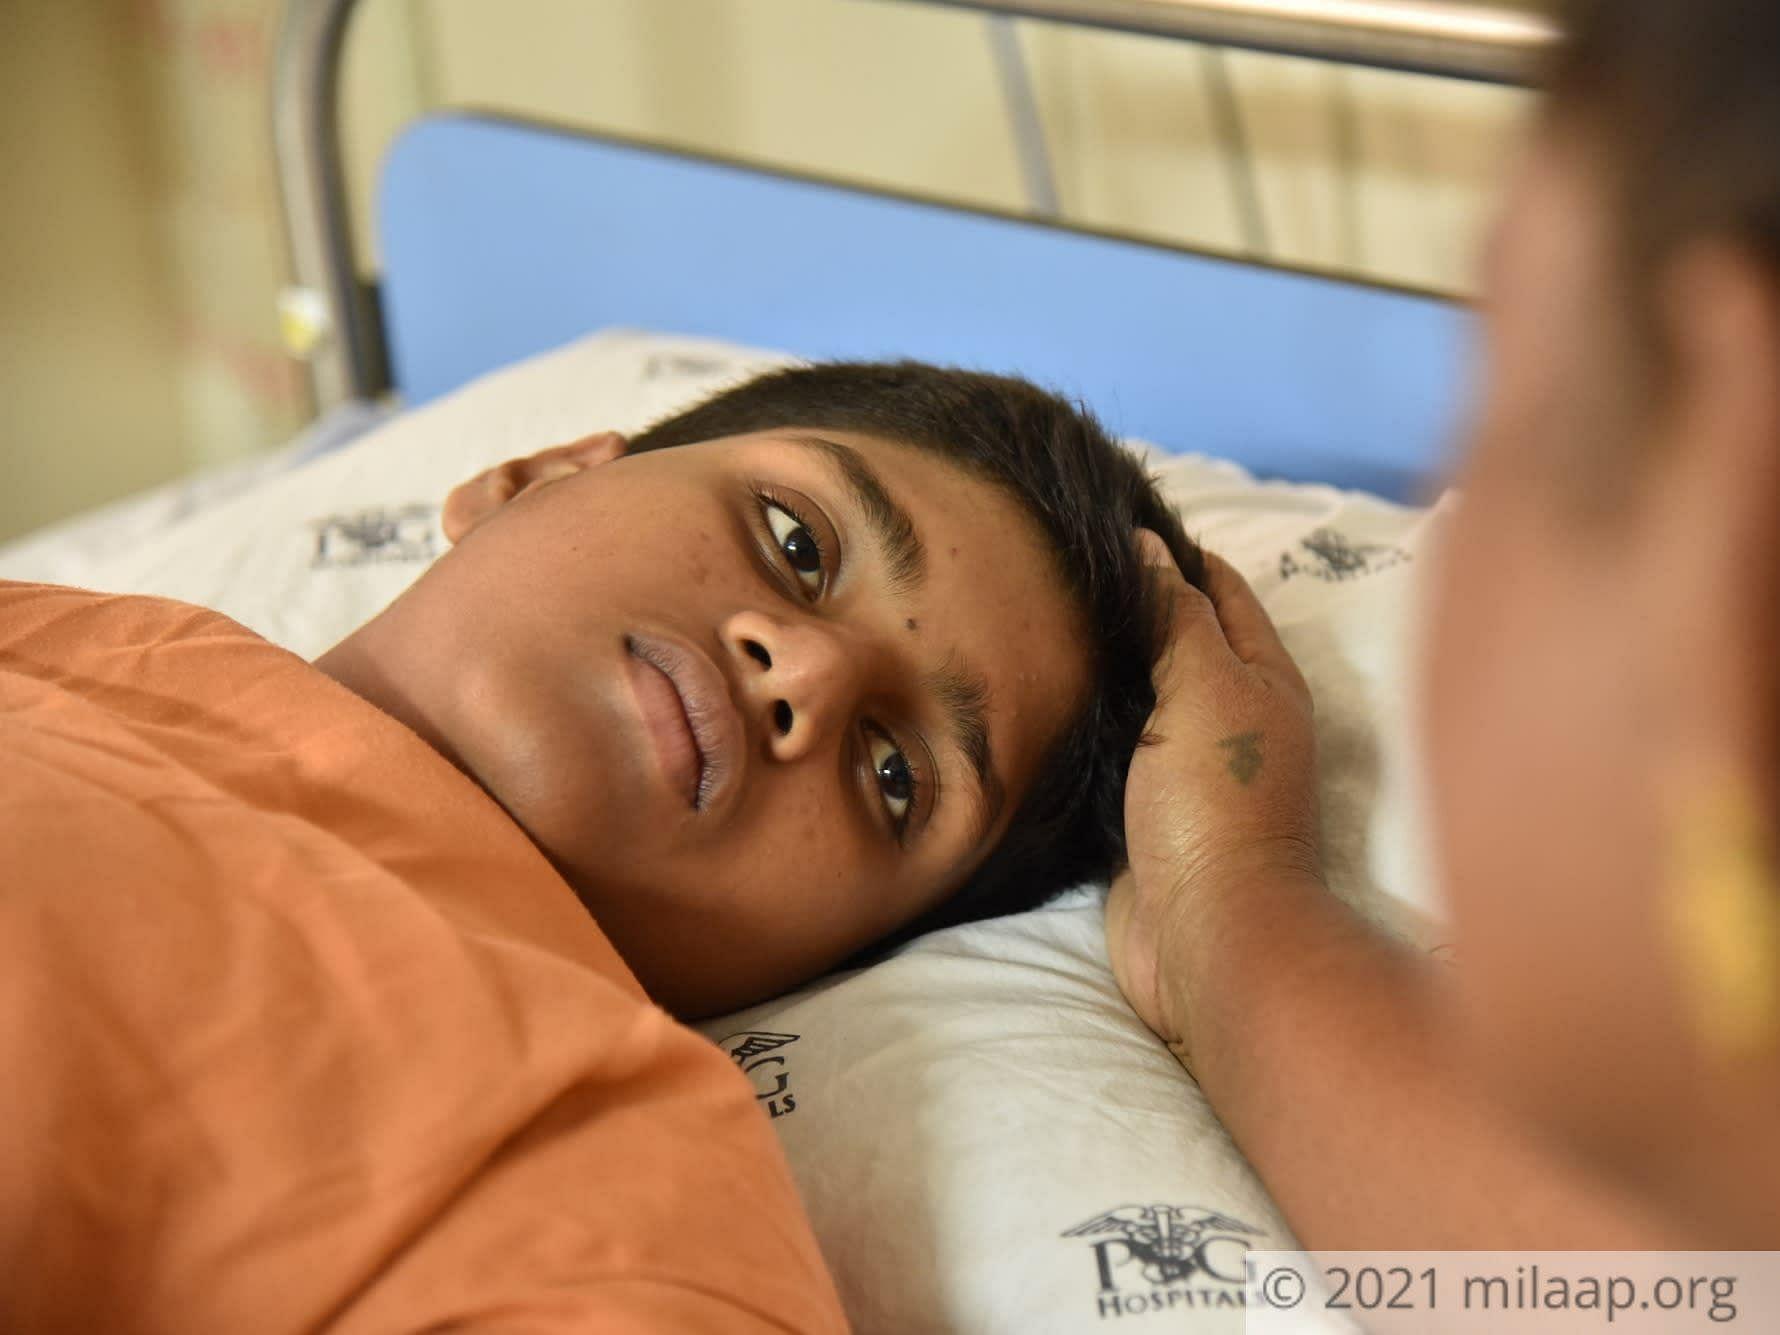 Prithvi raj   psg hospital   coimbatore 6 byynxx 1621524282.jpg nx3fex 1622012748